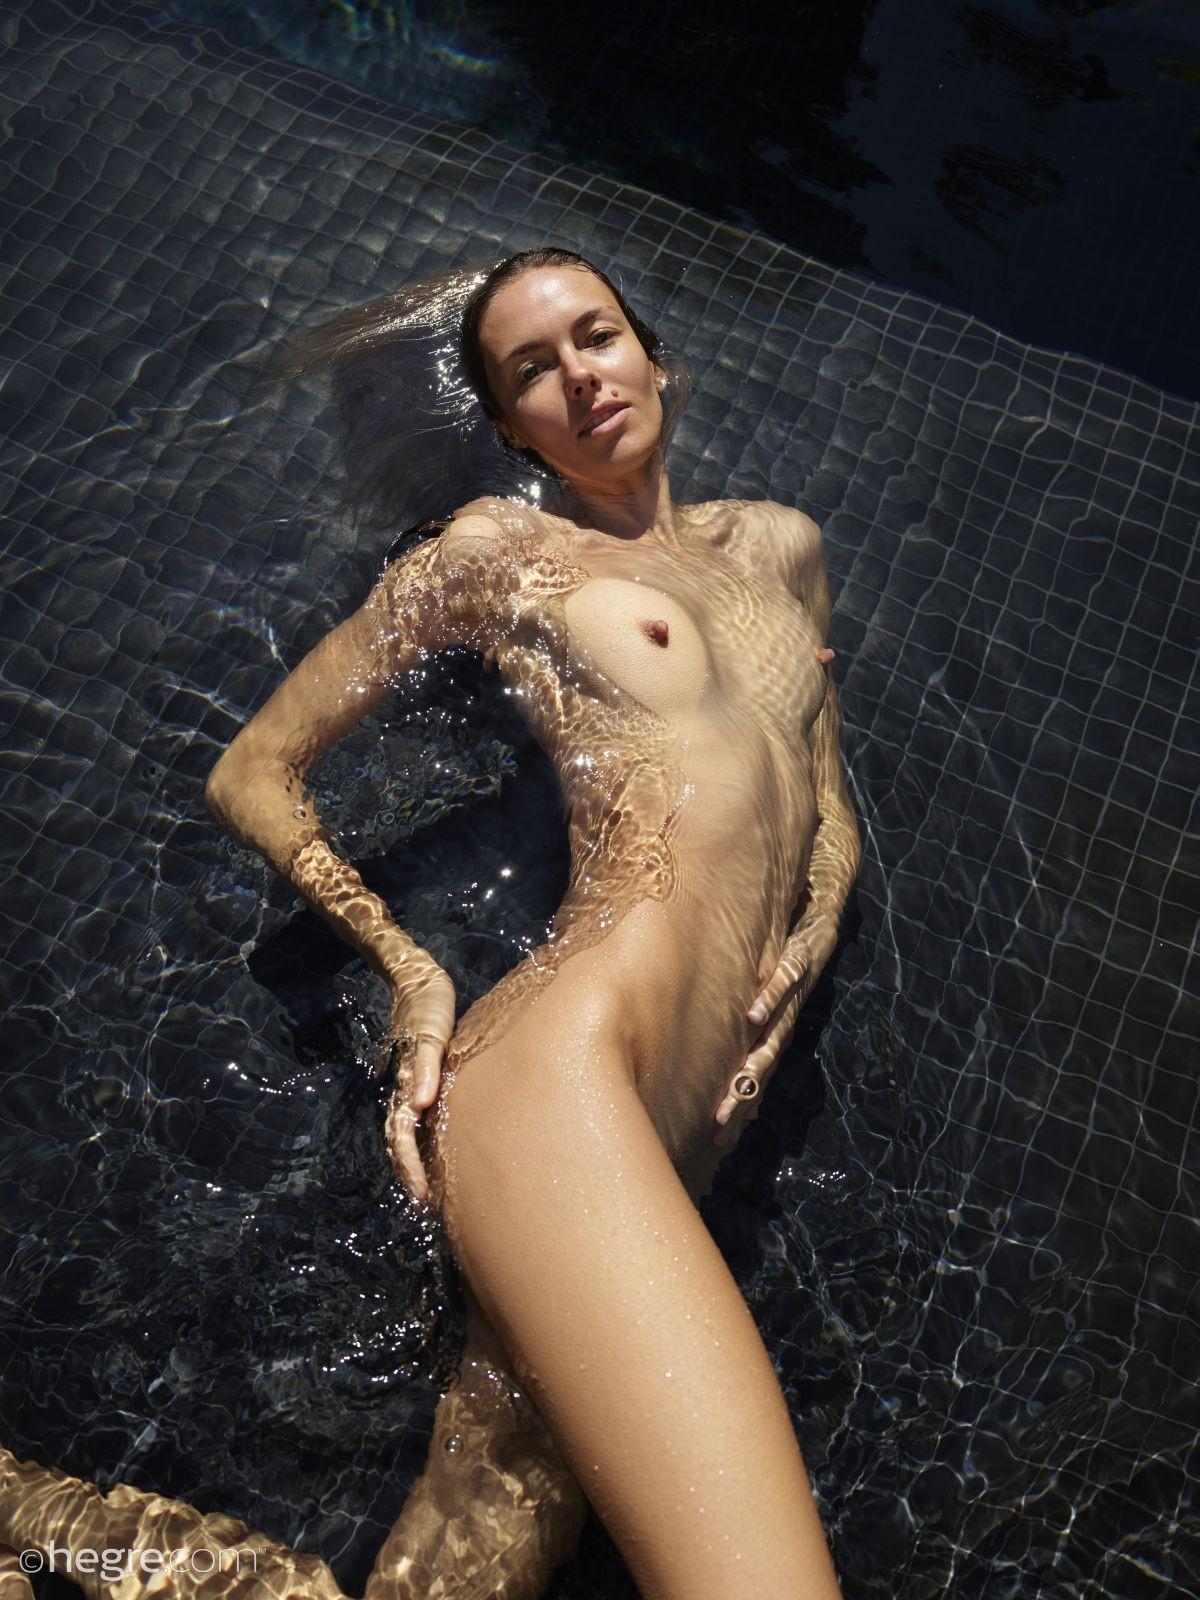 Голая девица плавает в бассейне - фото